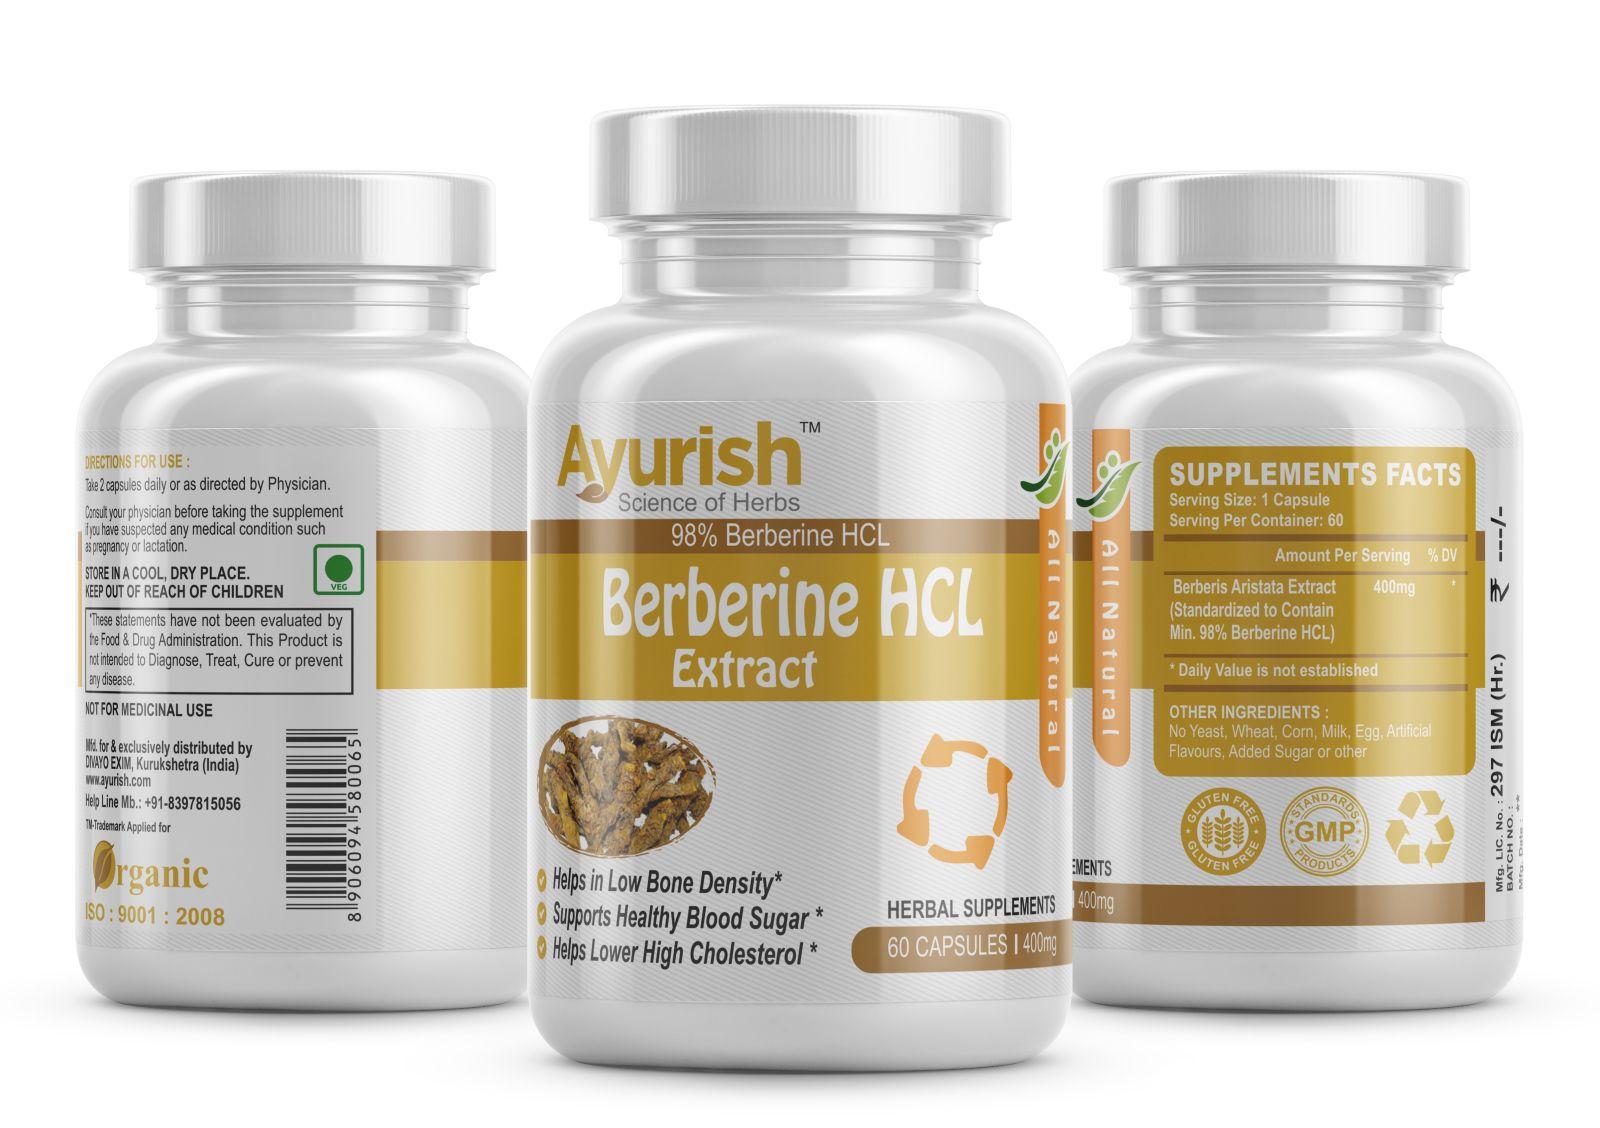 Ayurish Berberine HCL 98 % Extract Supplement 400 mg 60